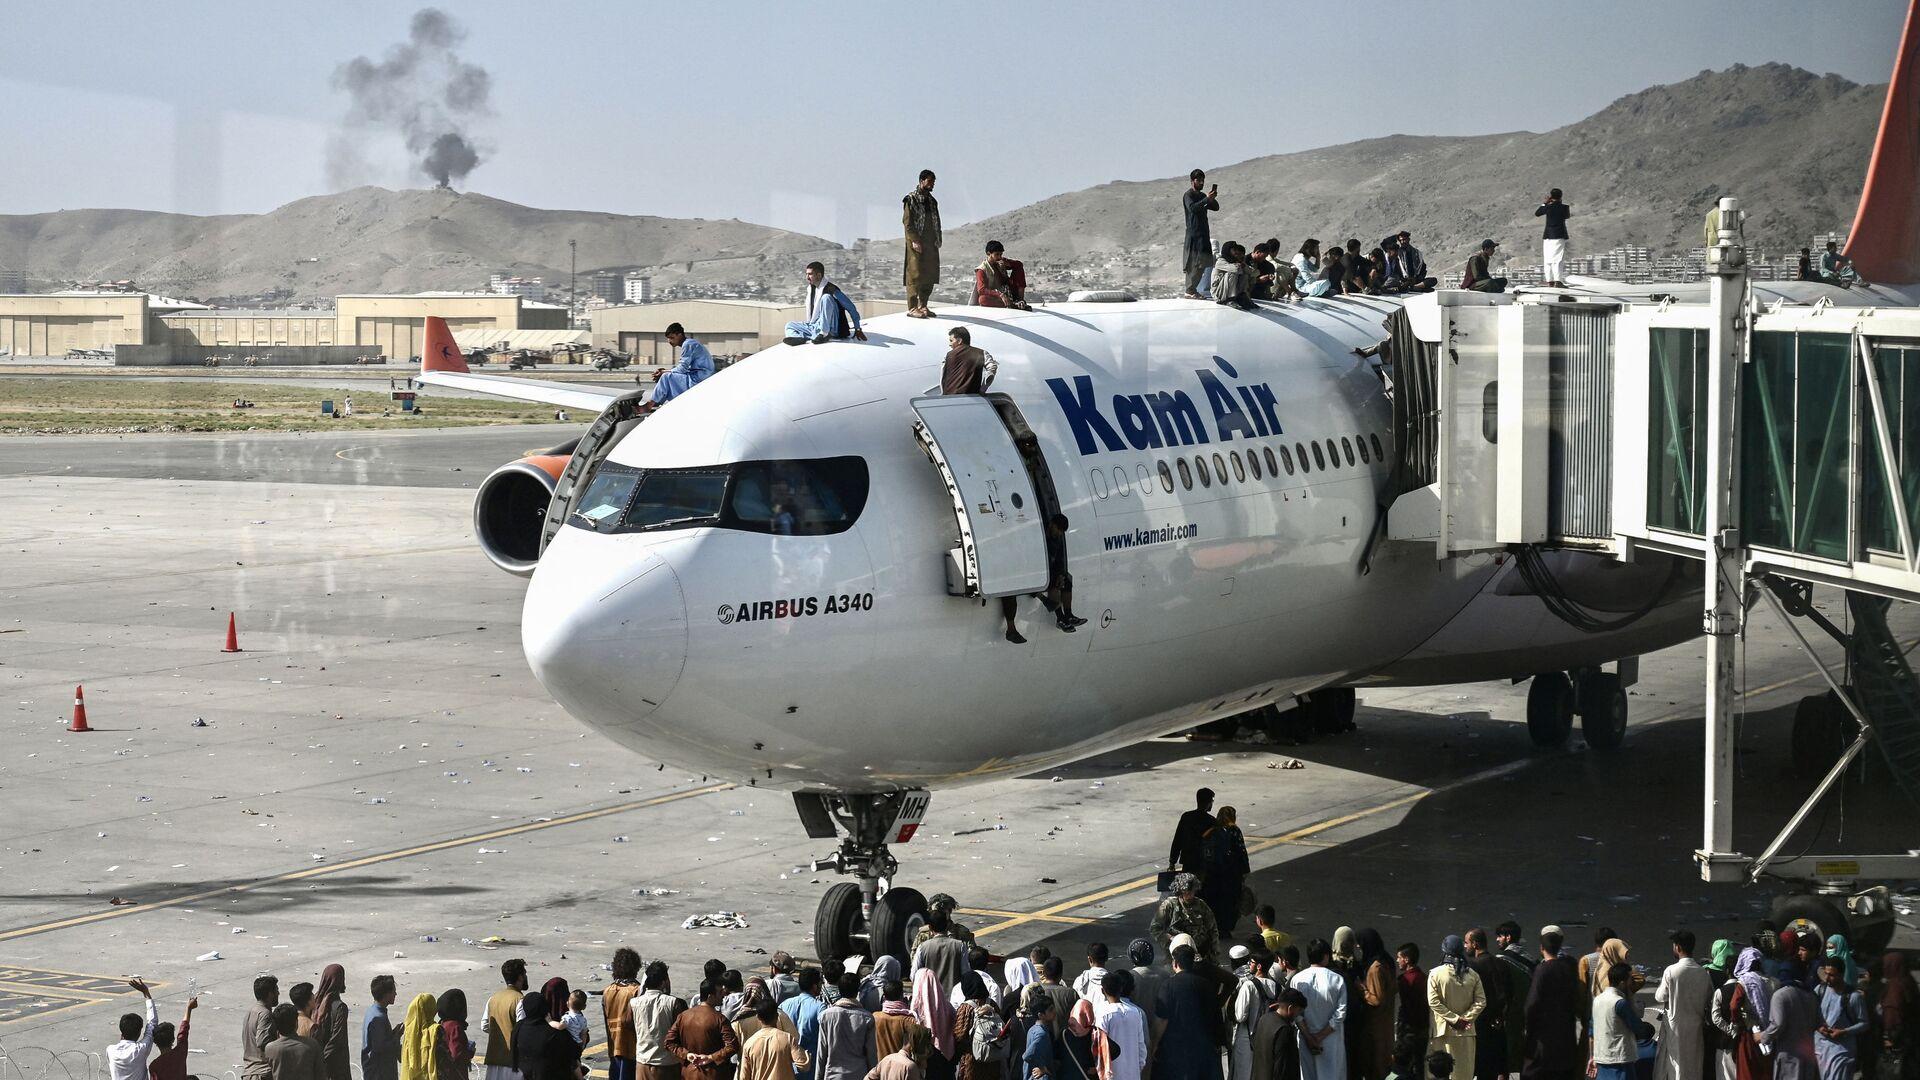 Aeroporto internazionale di Kabul  - Sputnik Italia, 1920, 26.08.2021